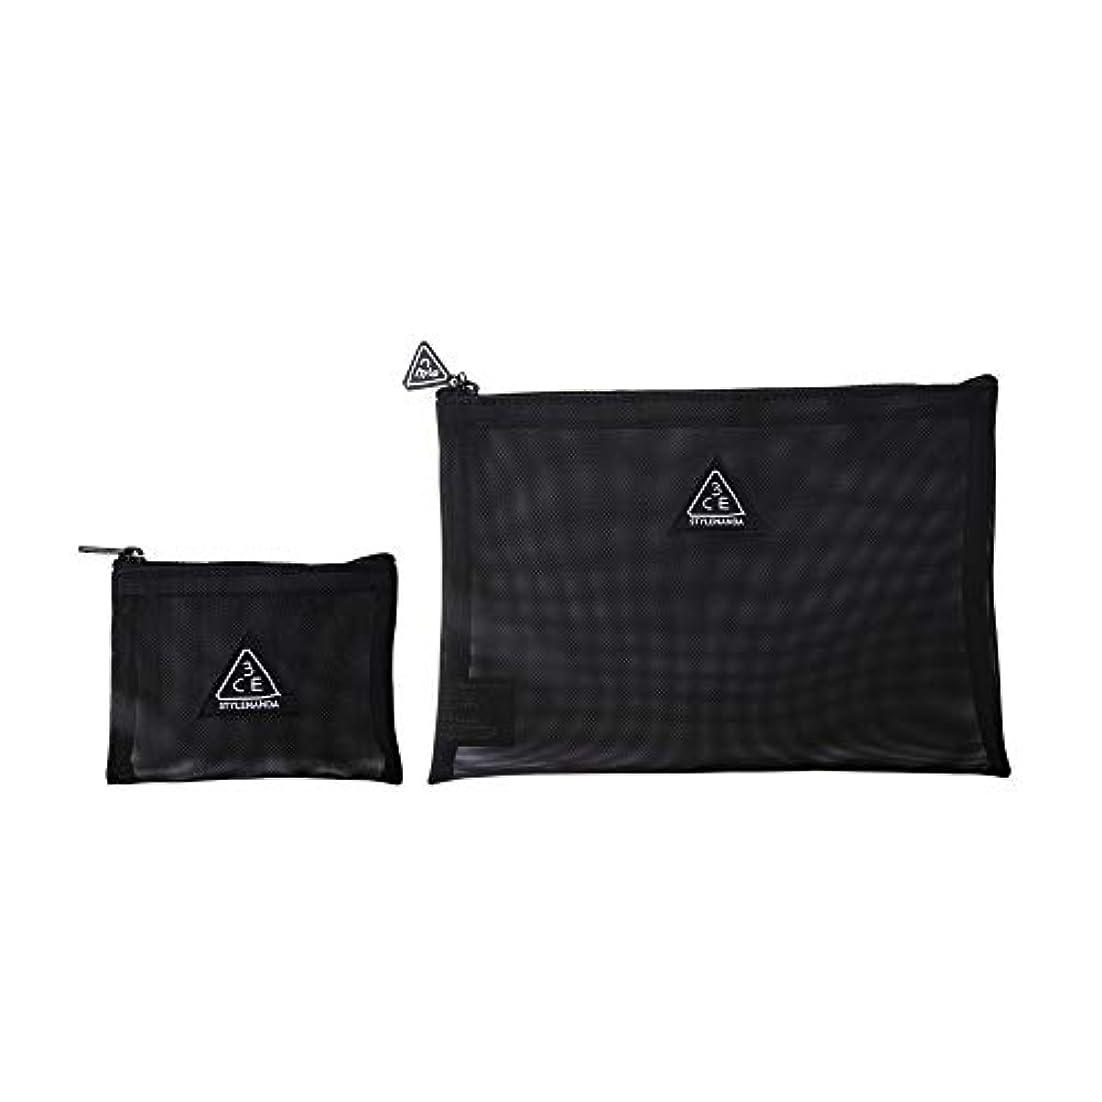 生息地ハードセラー3CE メッシュ ポーチ(ブラック) / 3CE MESH POUCH (Black) [並行輸入品]